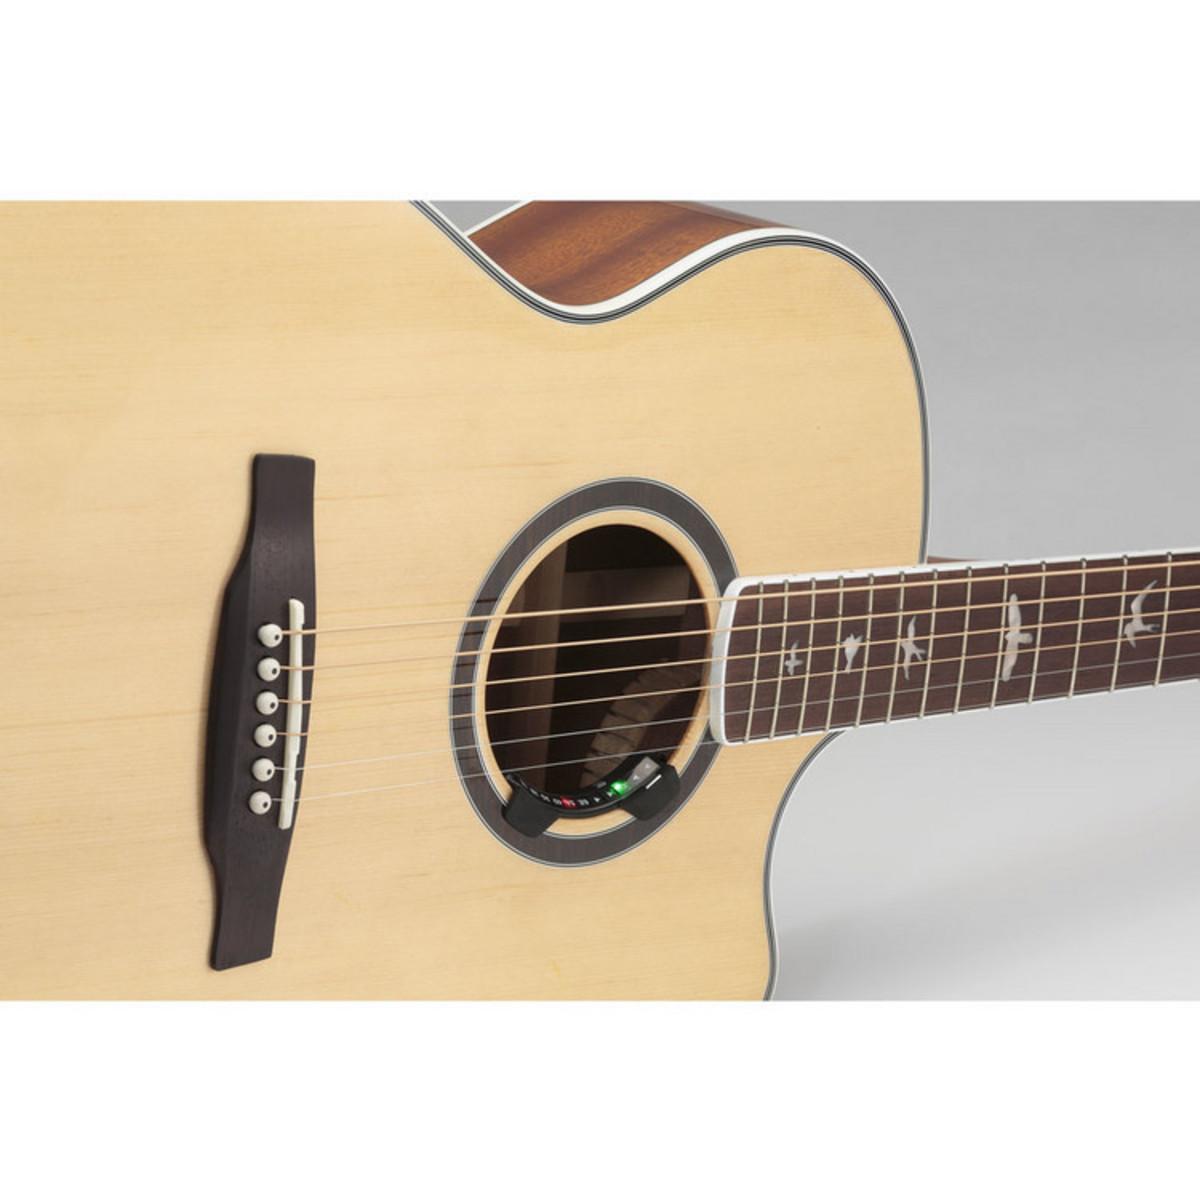 korg rimpitch acoustic guitar soundhole digital tuner at. Black Bedroom Furniture Sets. Home Design Ideas